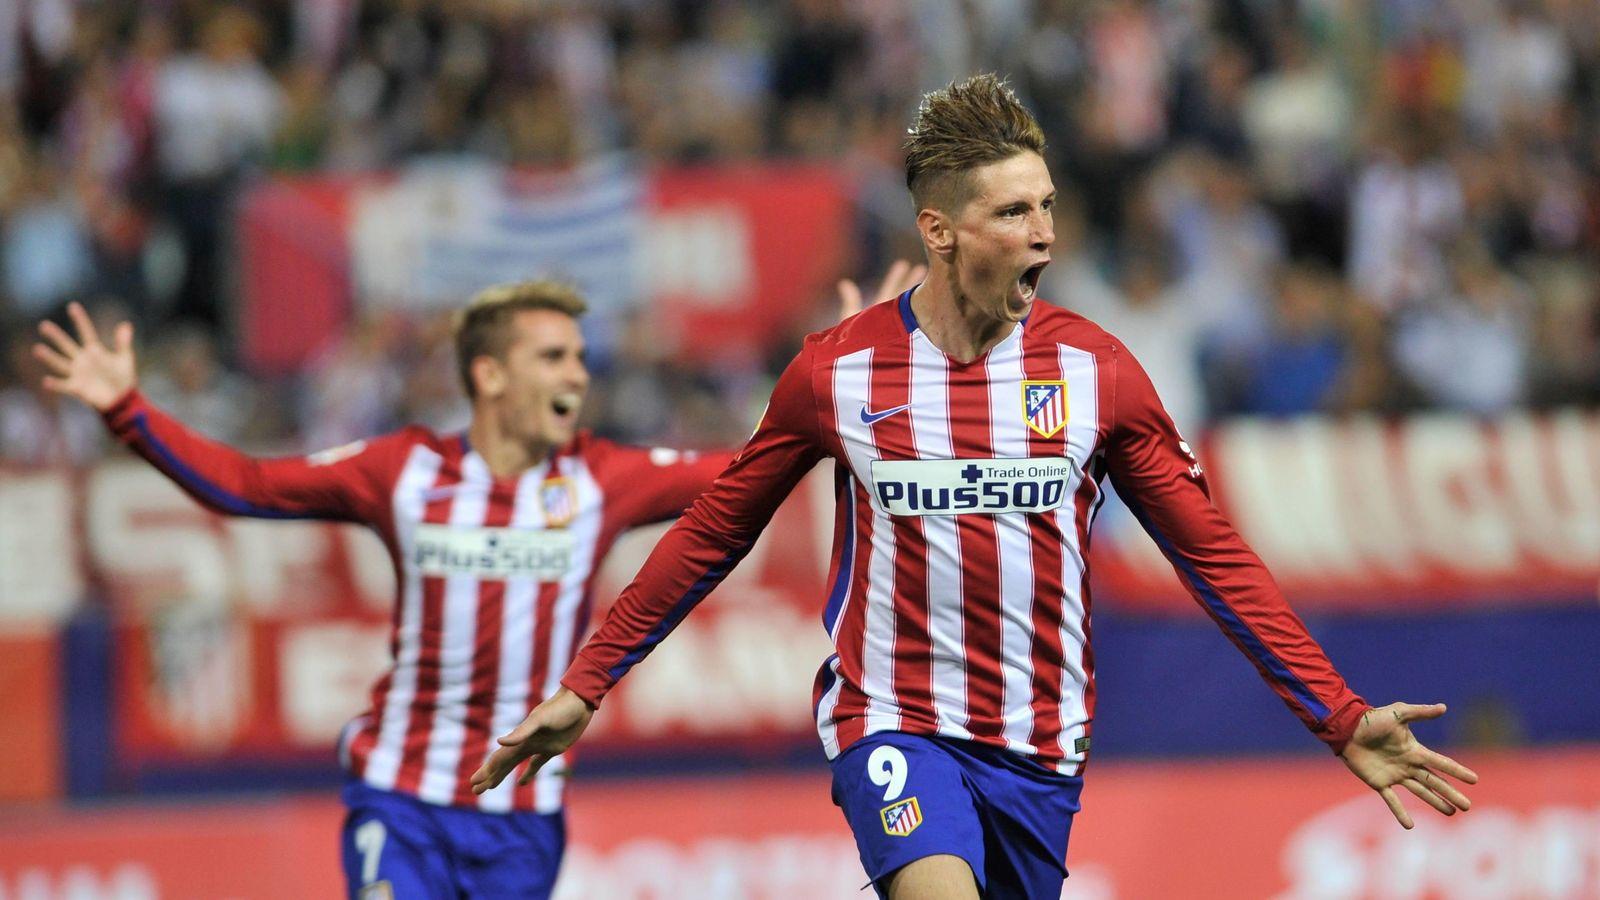 Foto: Fernando Torres ha empezado la temporada lanzado (Cordon Press).